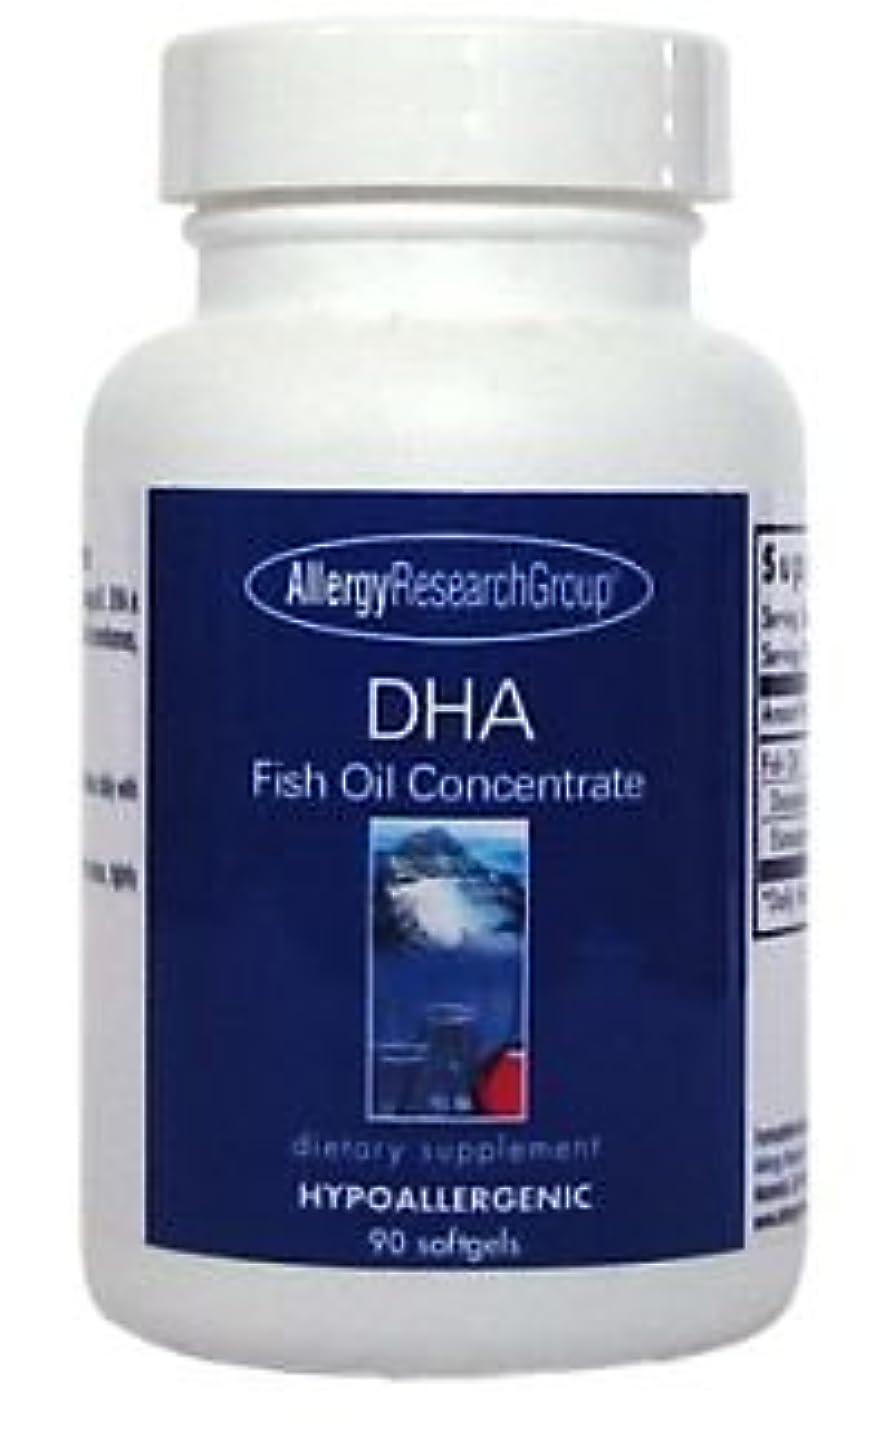 指標夏ローブDHA + EPA サプリメント 水銀除去済 サプリ 無添加 90粒45-30日分x2本【海外直送品】